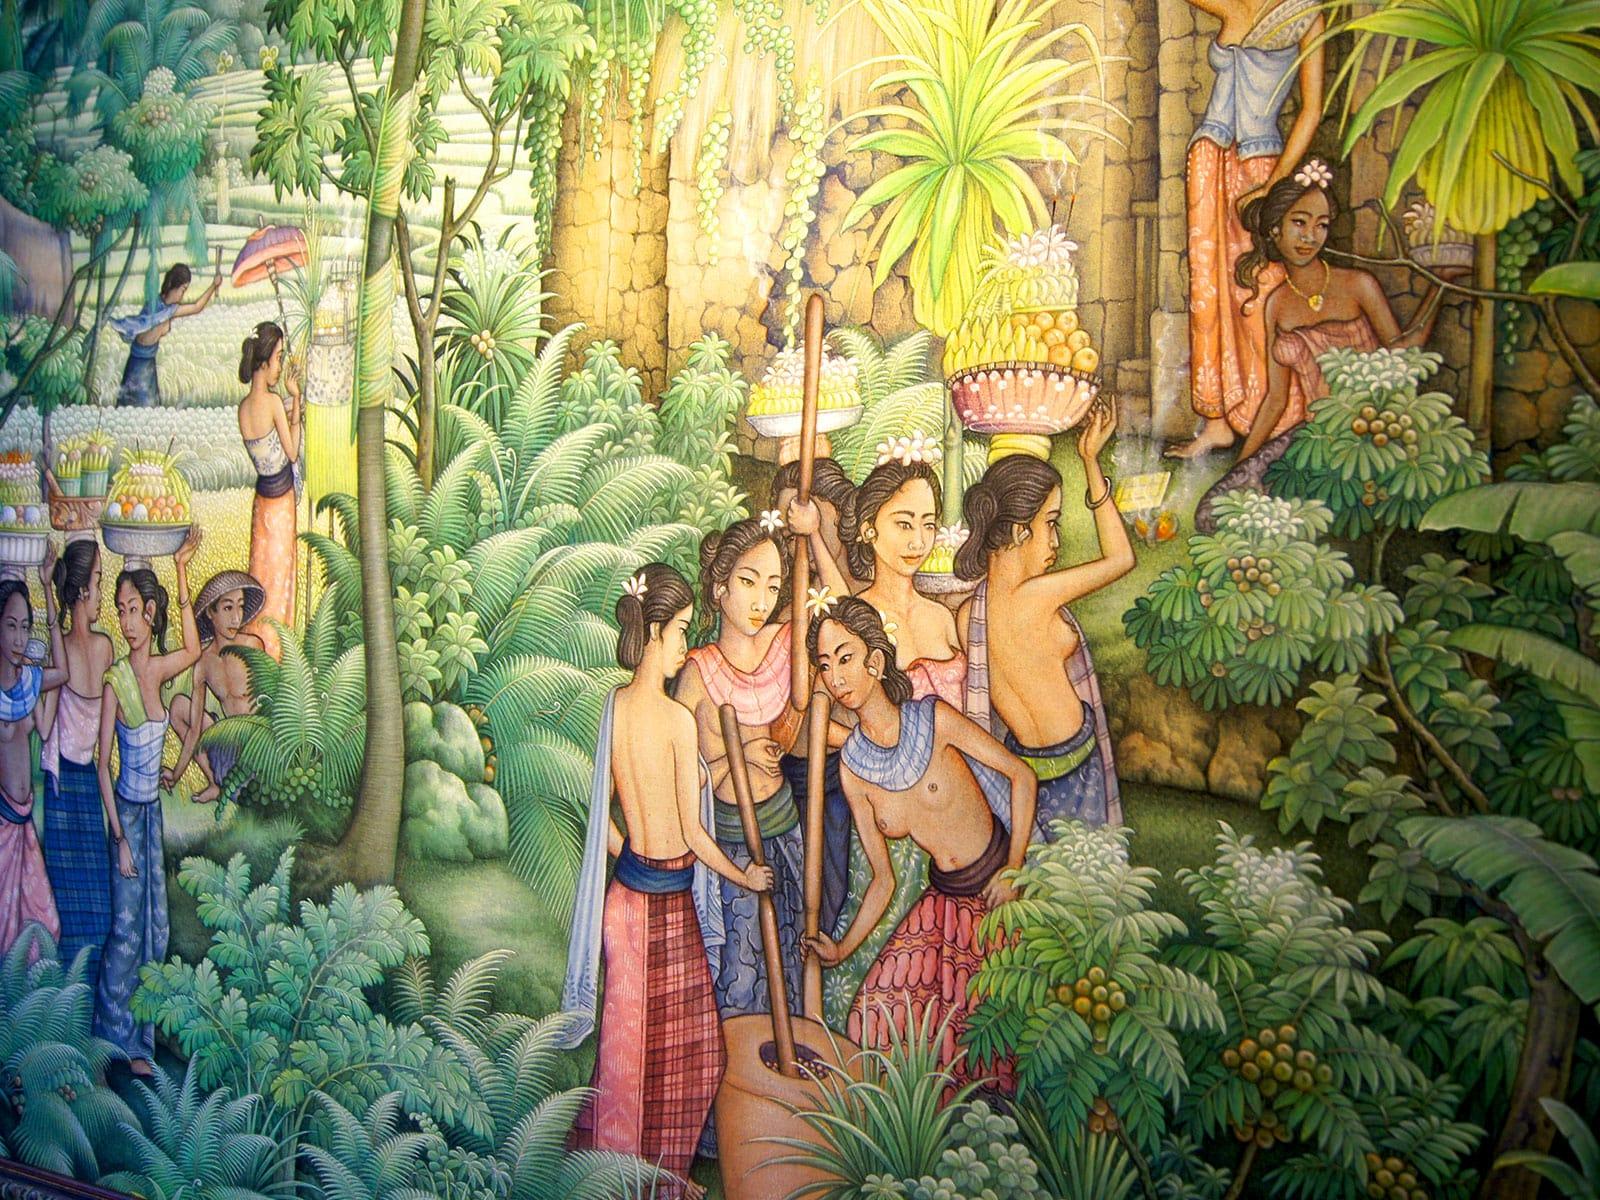 schilderij i wayan sadia | rama tours holland ons kantoor